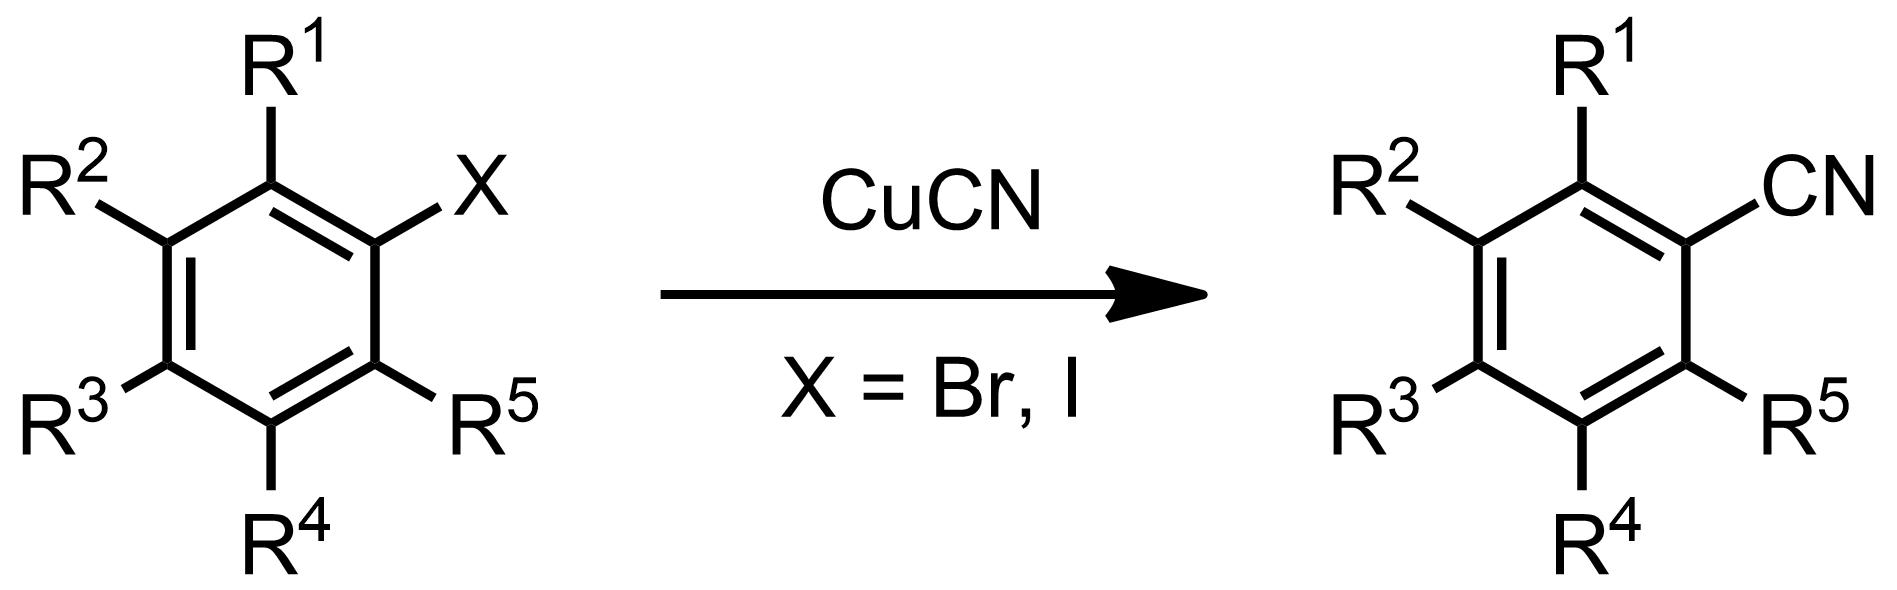 Schematic representation of the Rosenmund-von Braun Reaction.